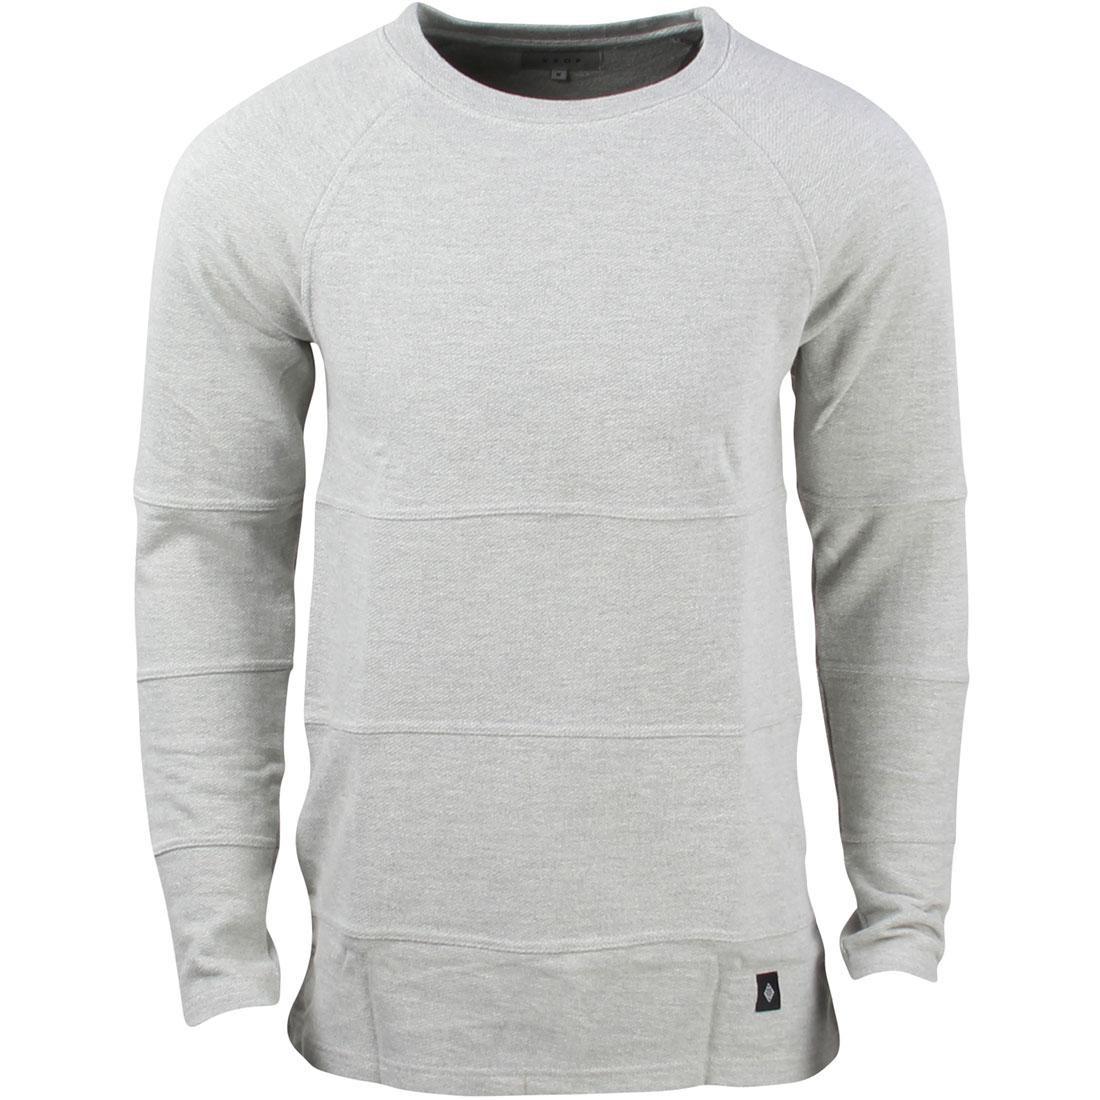 灰色 グレー グレイ 【 GRAY AKOMPLICE MEN CHOP CREW SWEATER 】 メンズファッション トップス Tシャツ カットソー